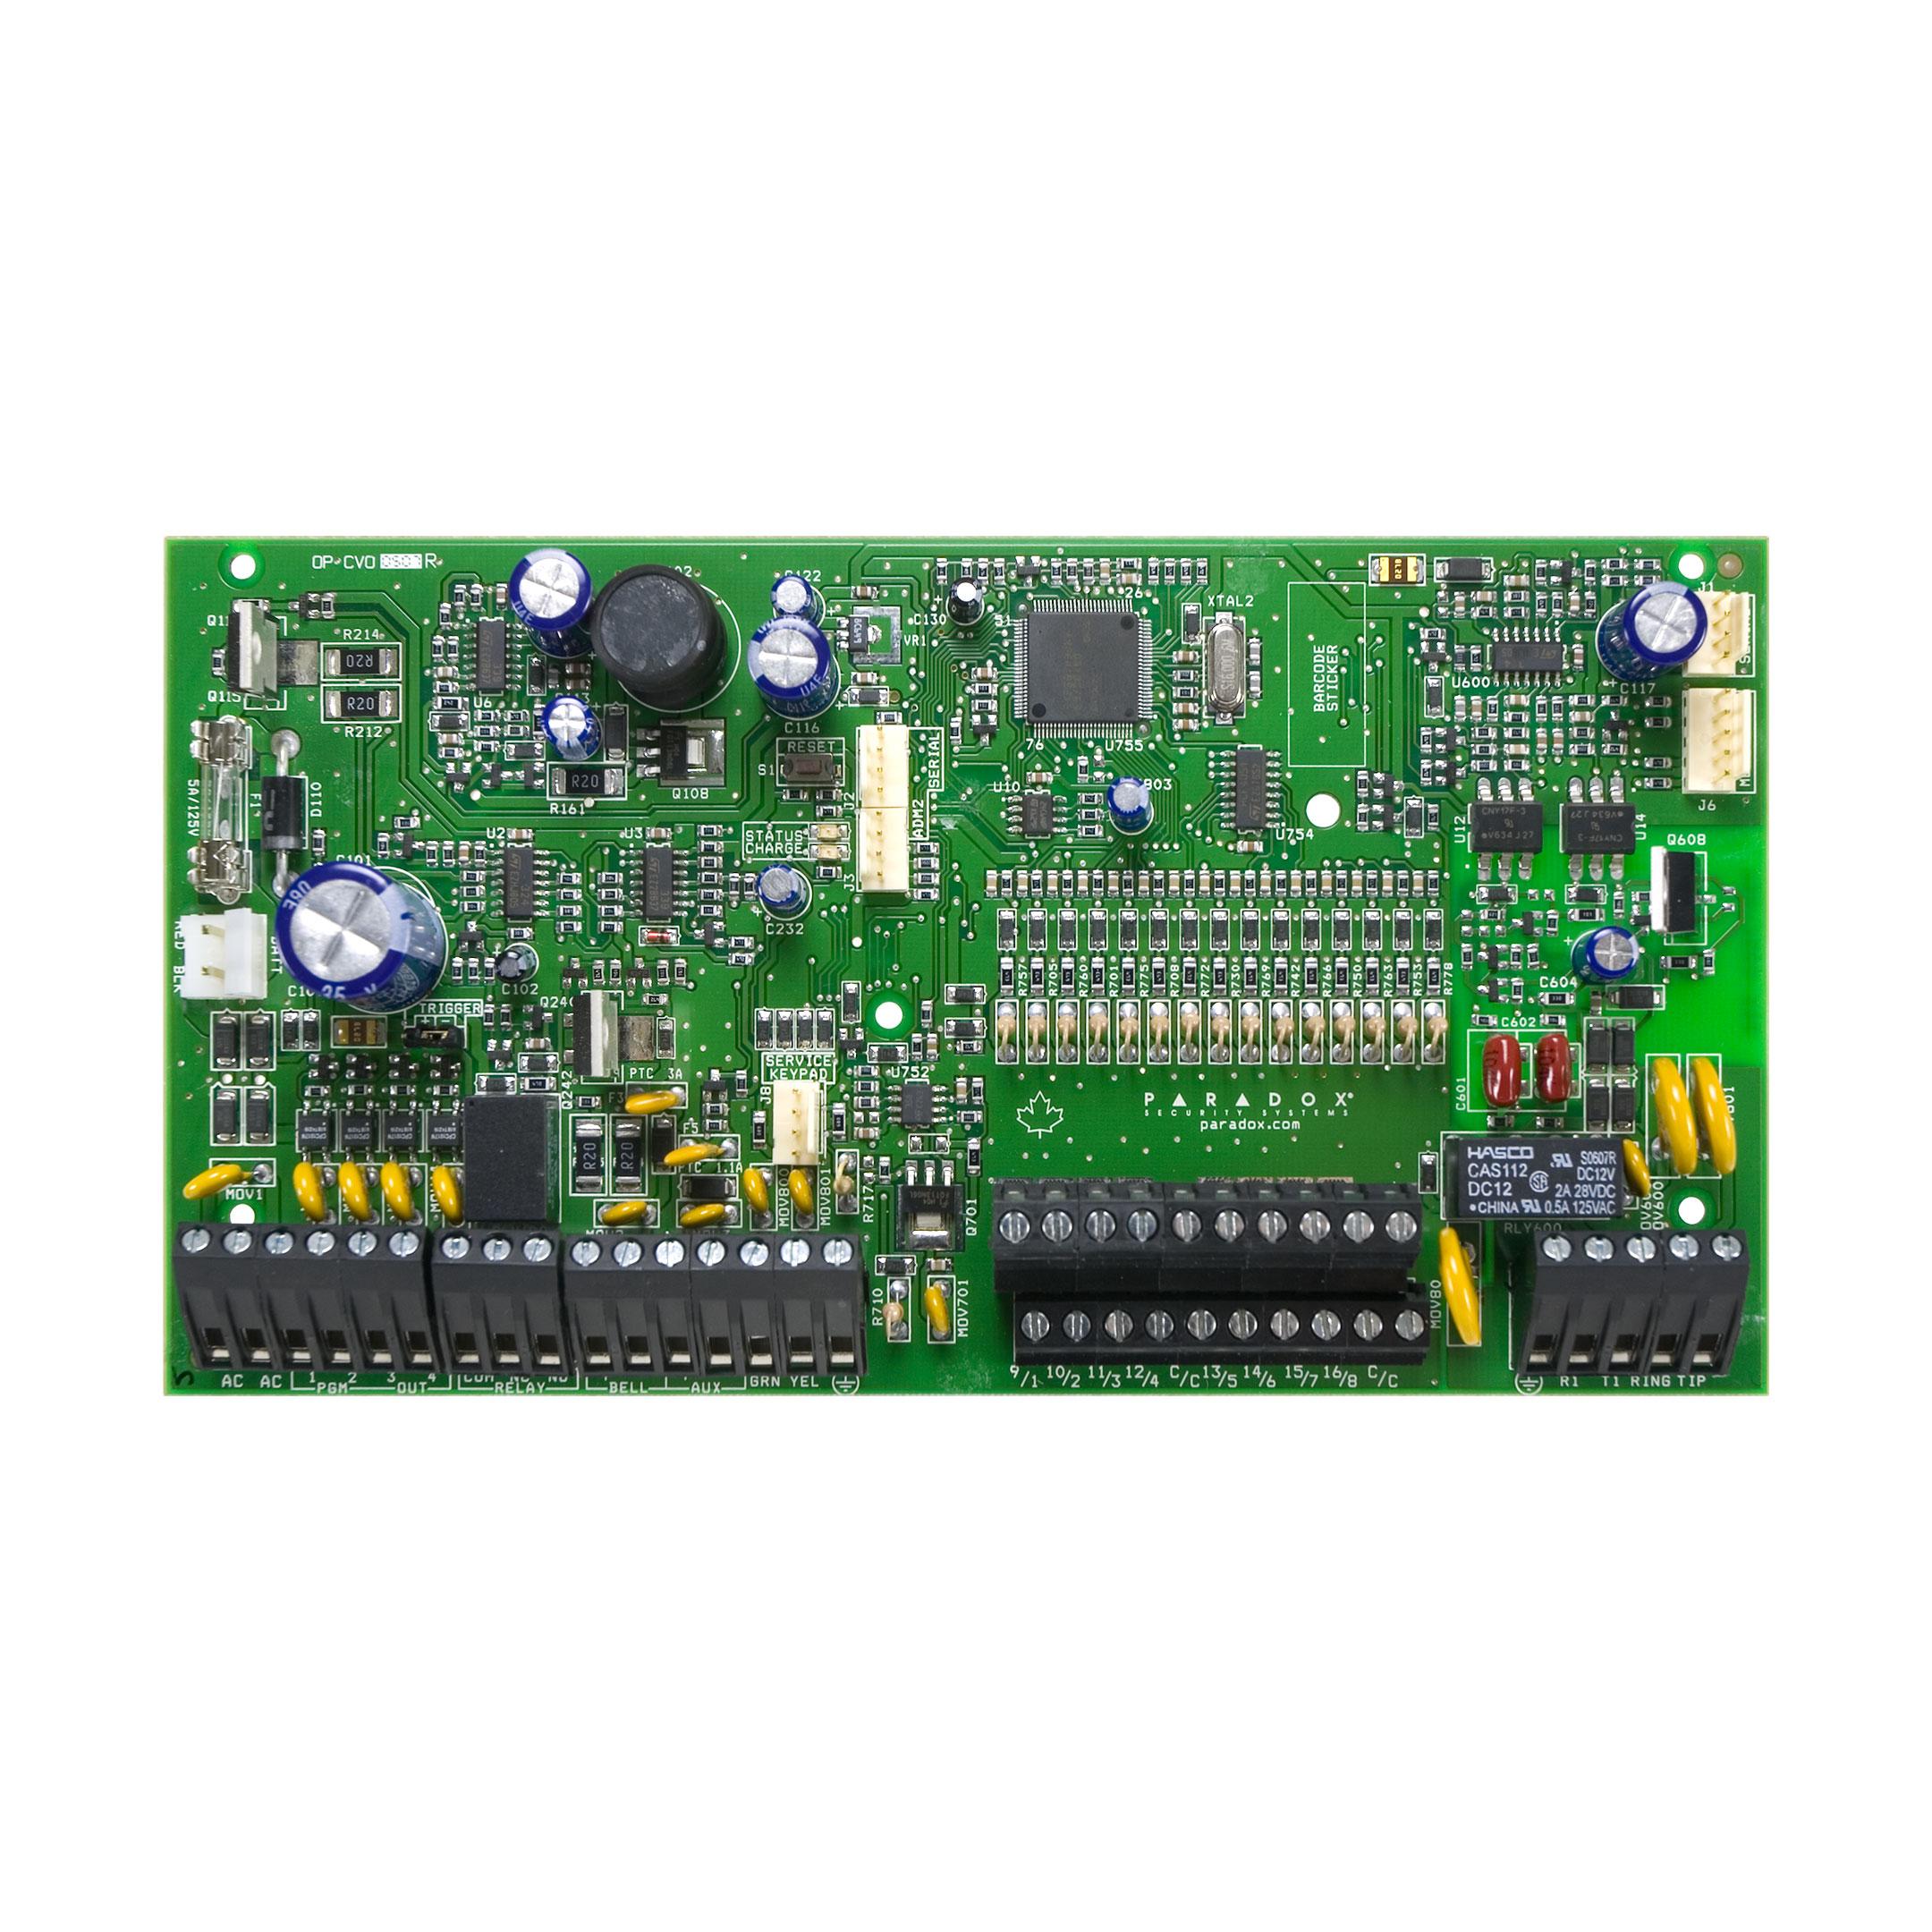 کنترل پنل منطقه 16 تا 32مدل SP7000 پارادوکس